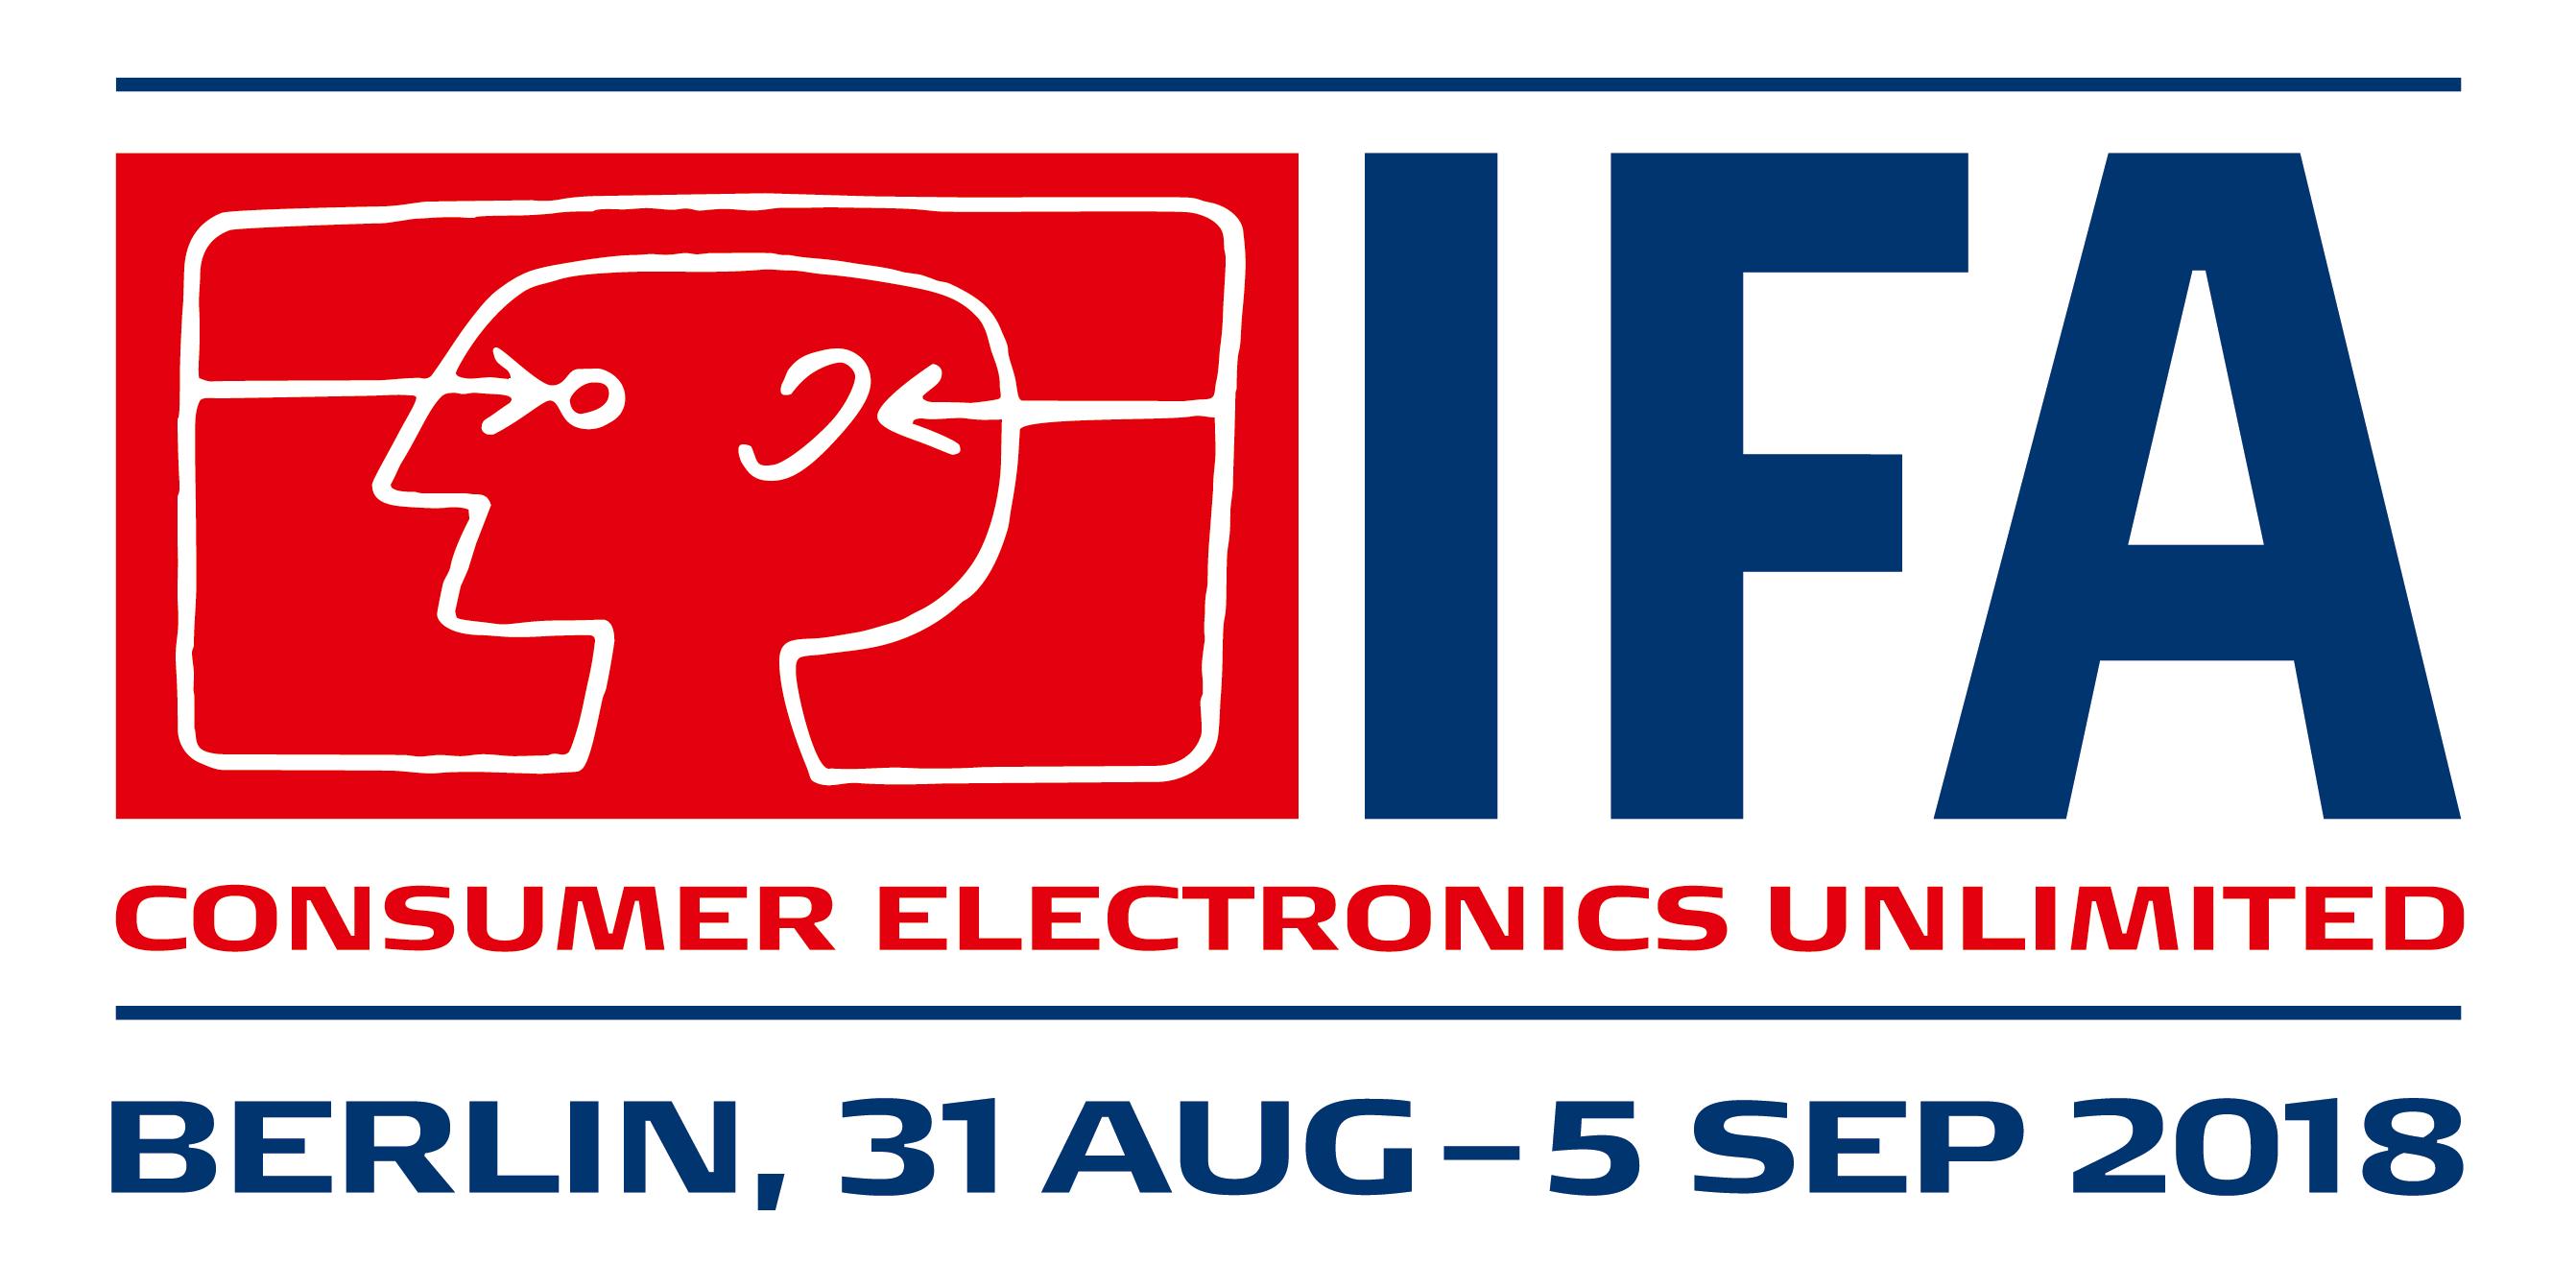 2018年德国柏林国际电子消费品及家电展览会